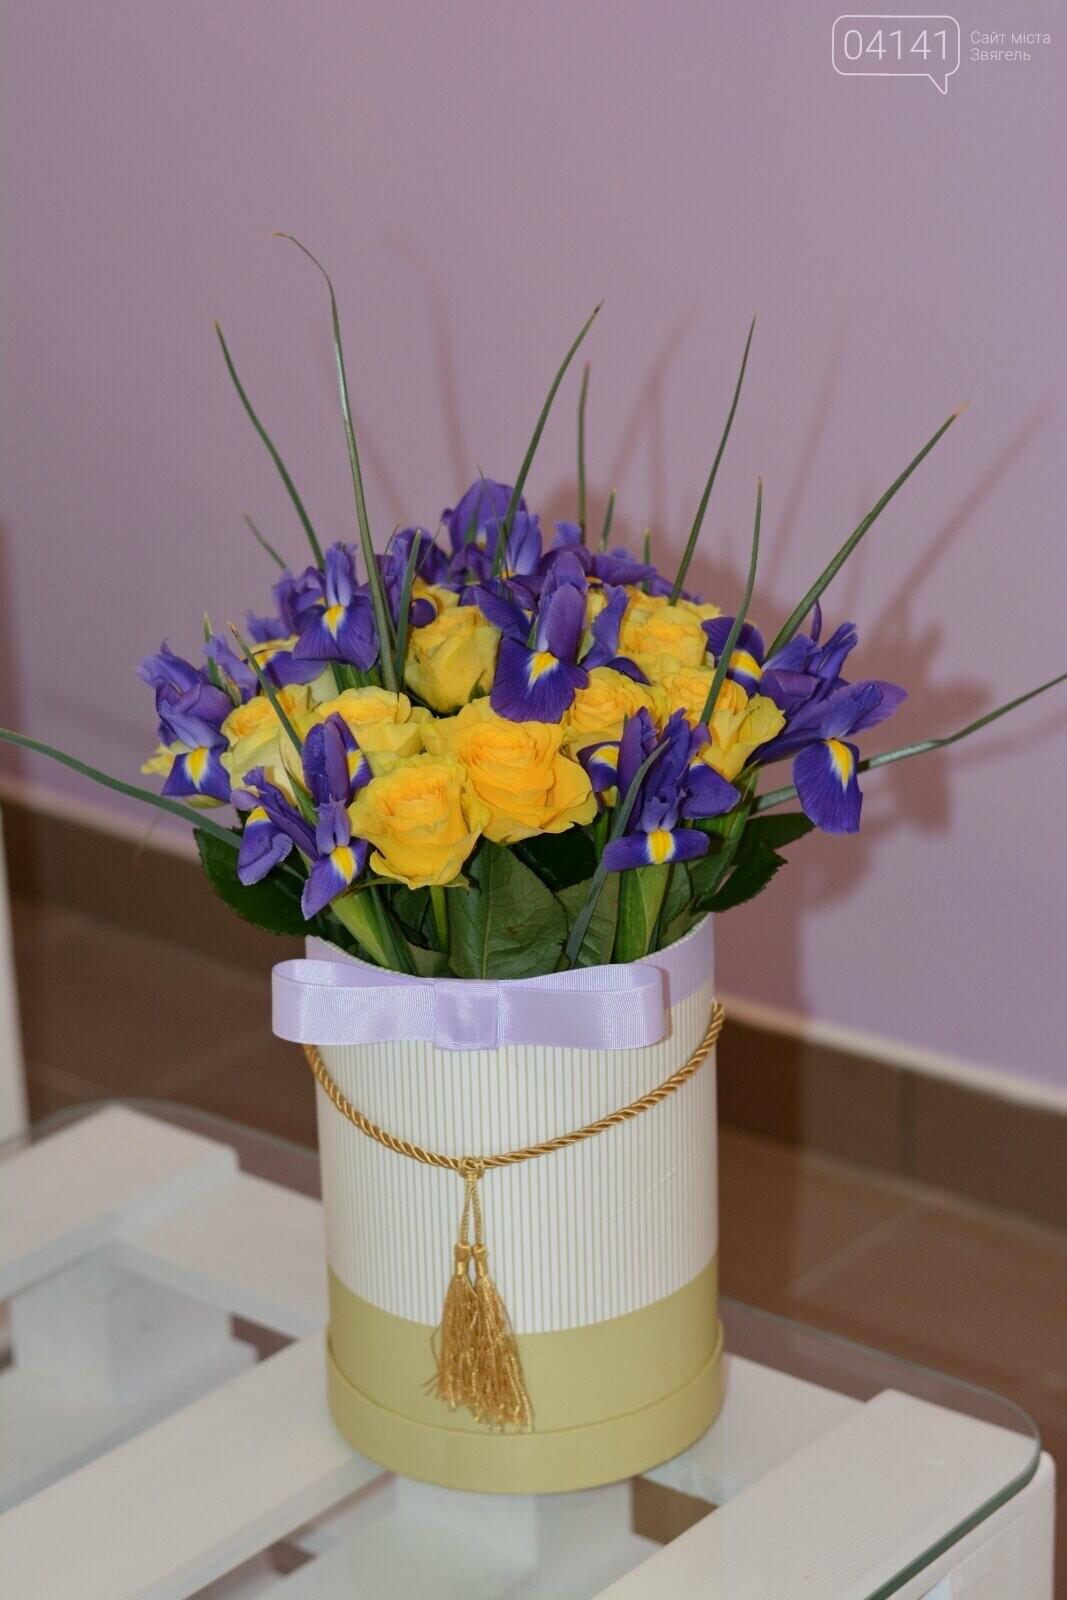 У Новограді відкрилася студія квітів  «La Fleur»: чим вона краща від інших, фото-3